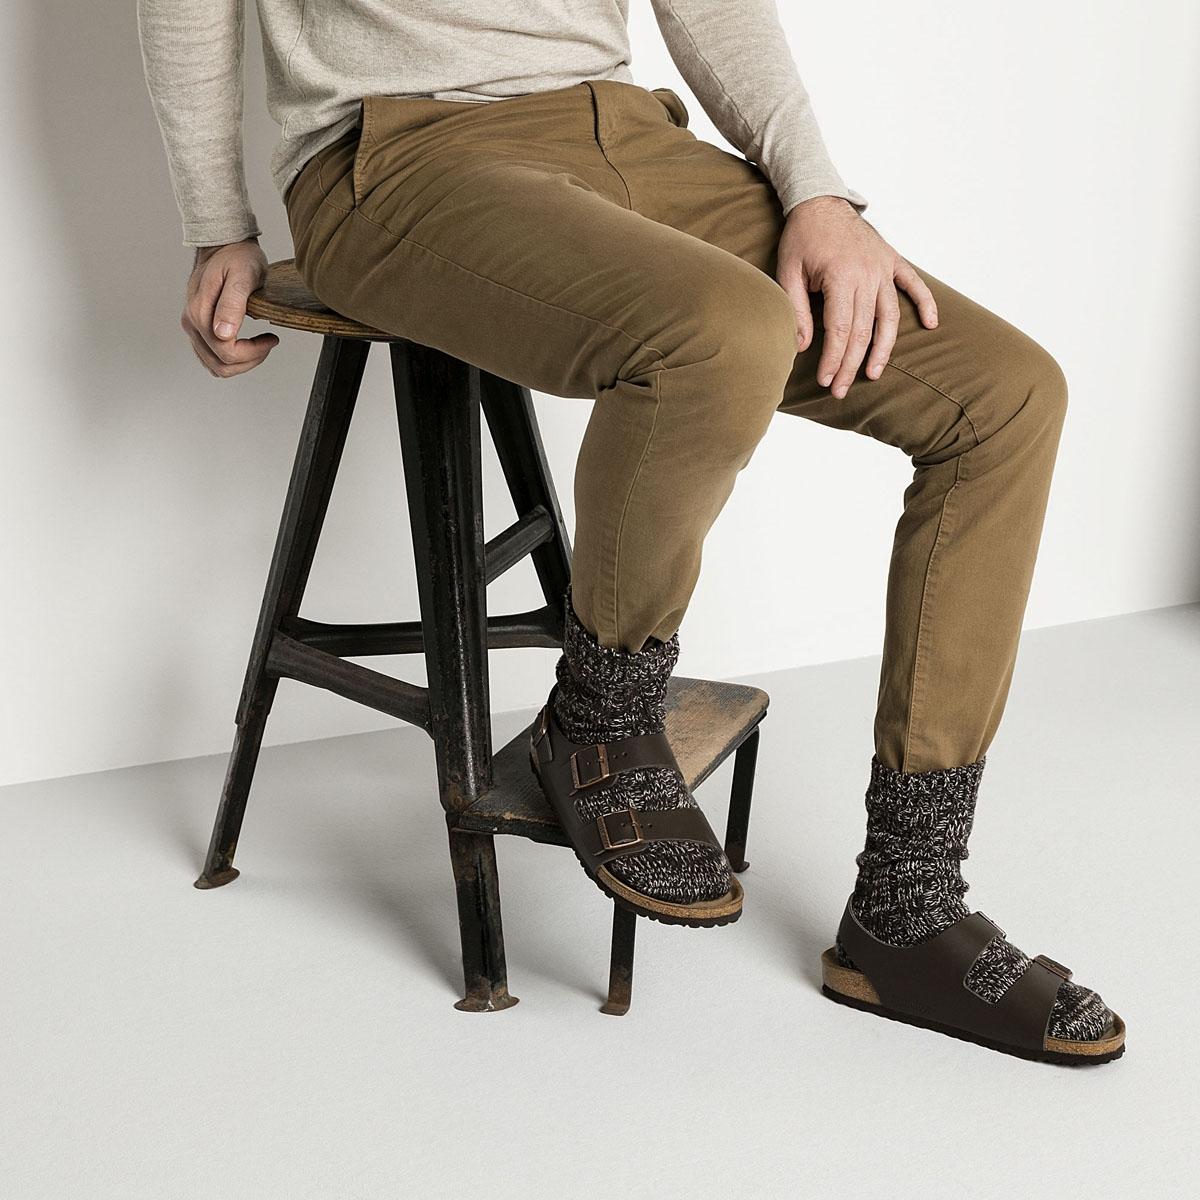 2518539b2a962 Birkenstock Milano Smooth Leather Sandals (Men's) - Dark Brown